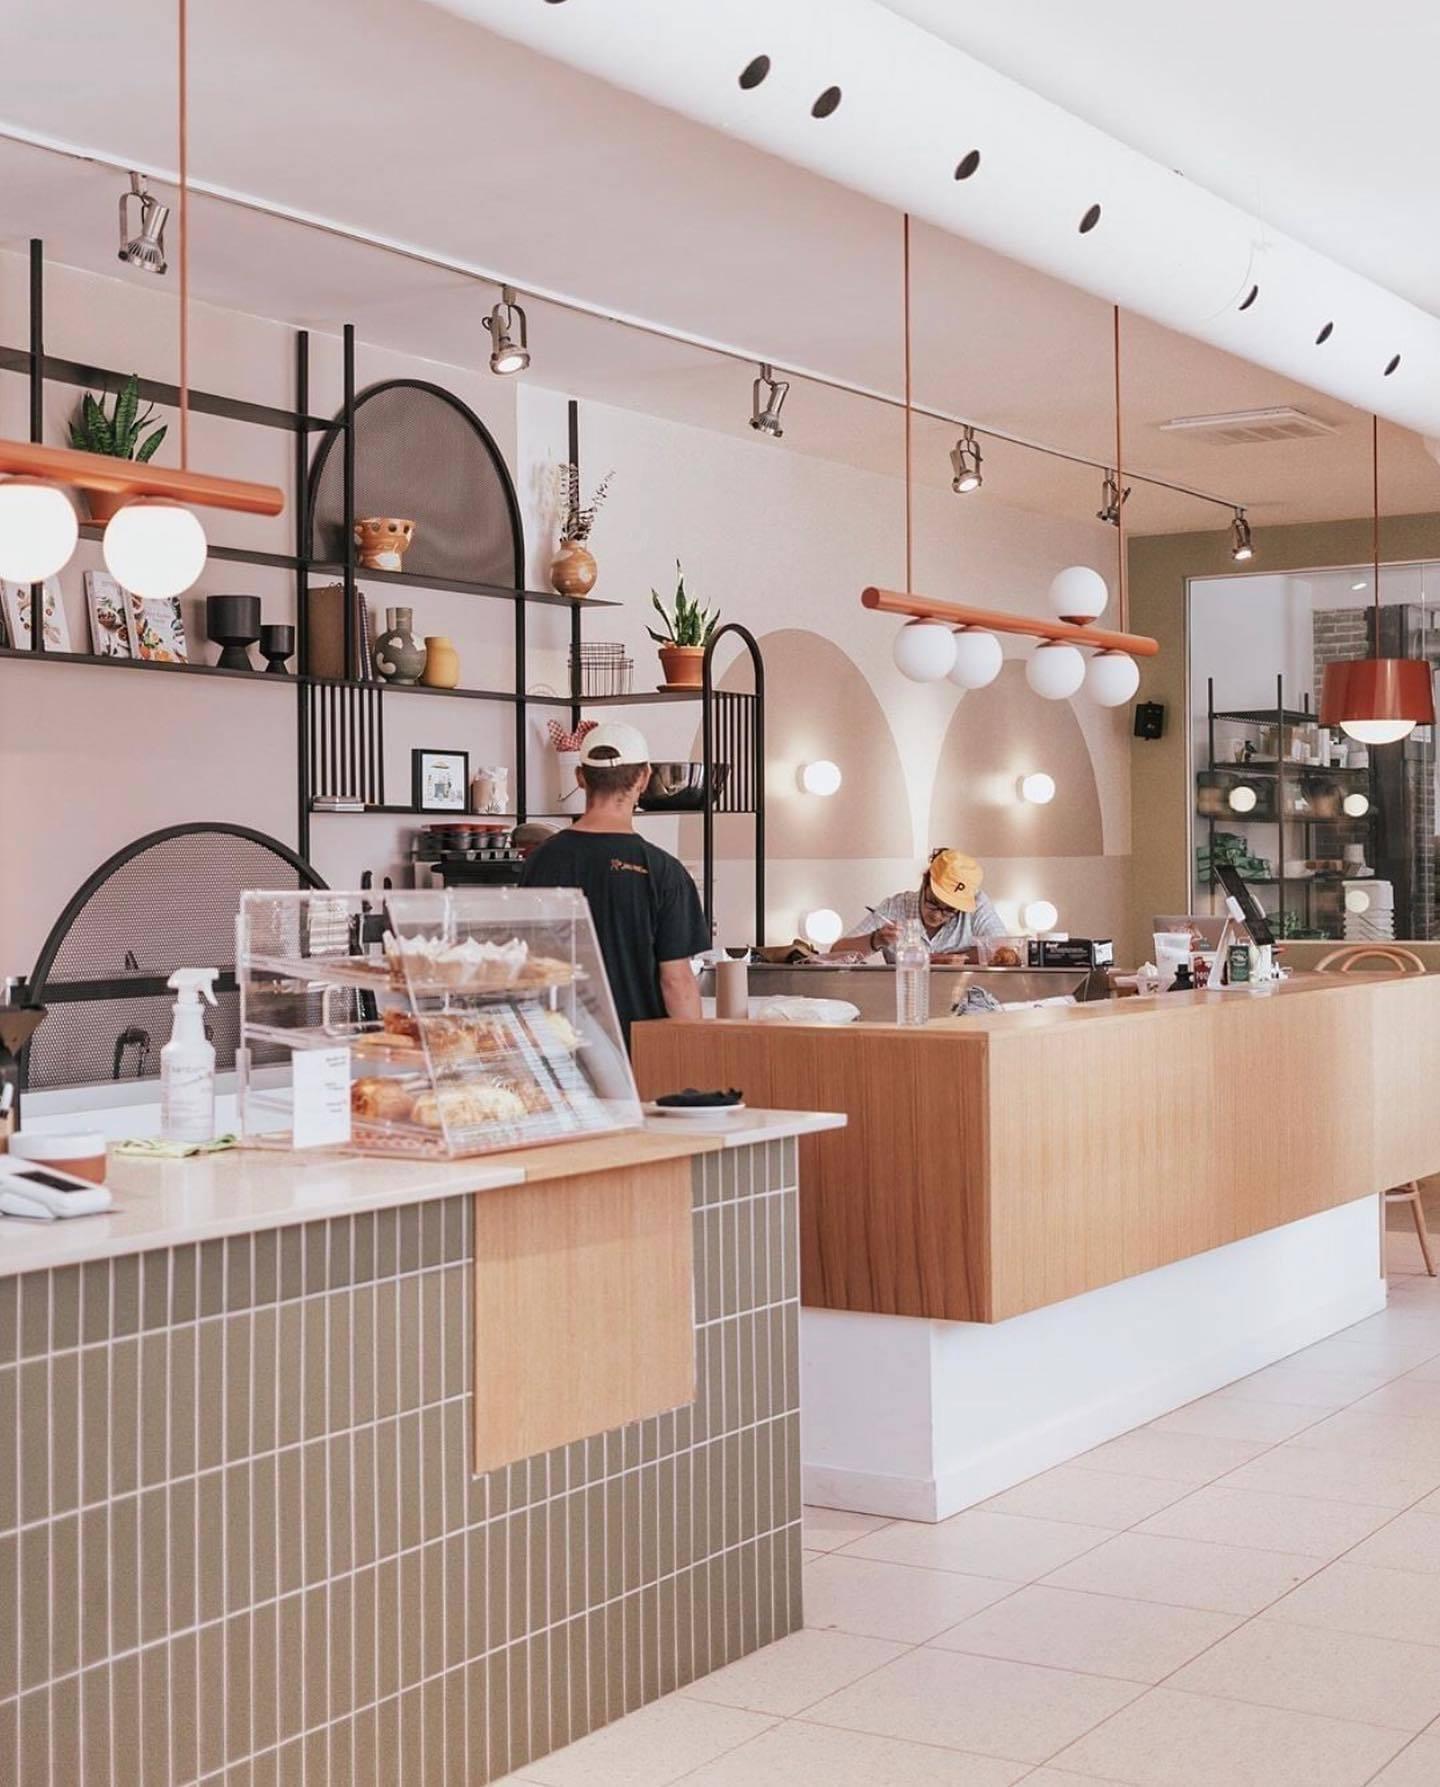 Café Pista